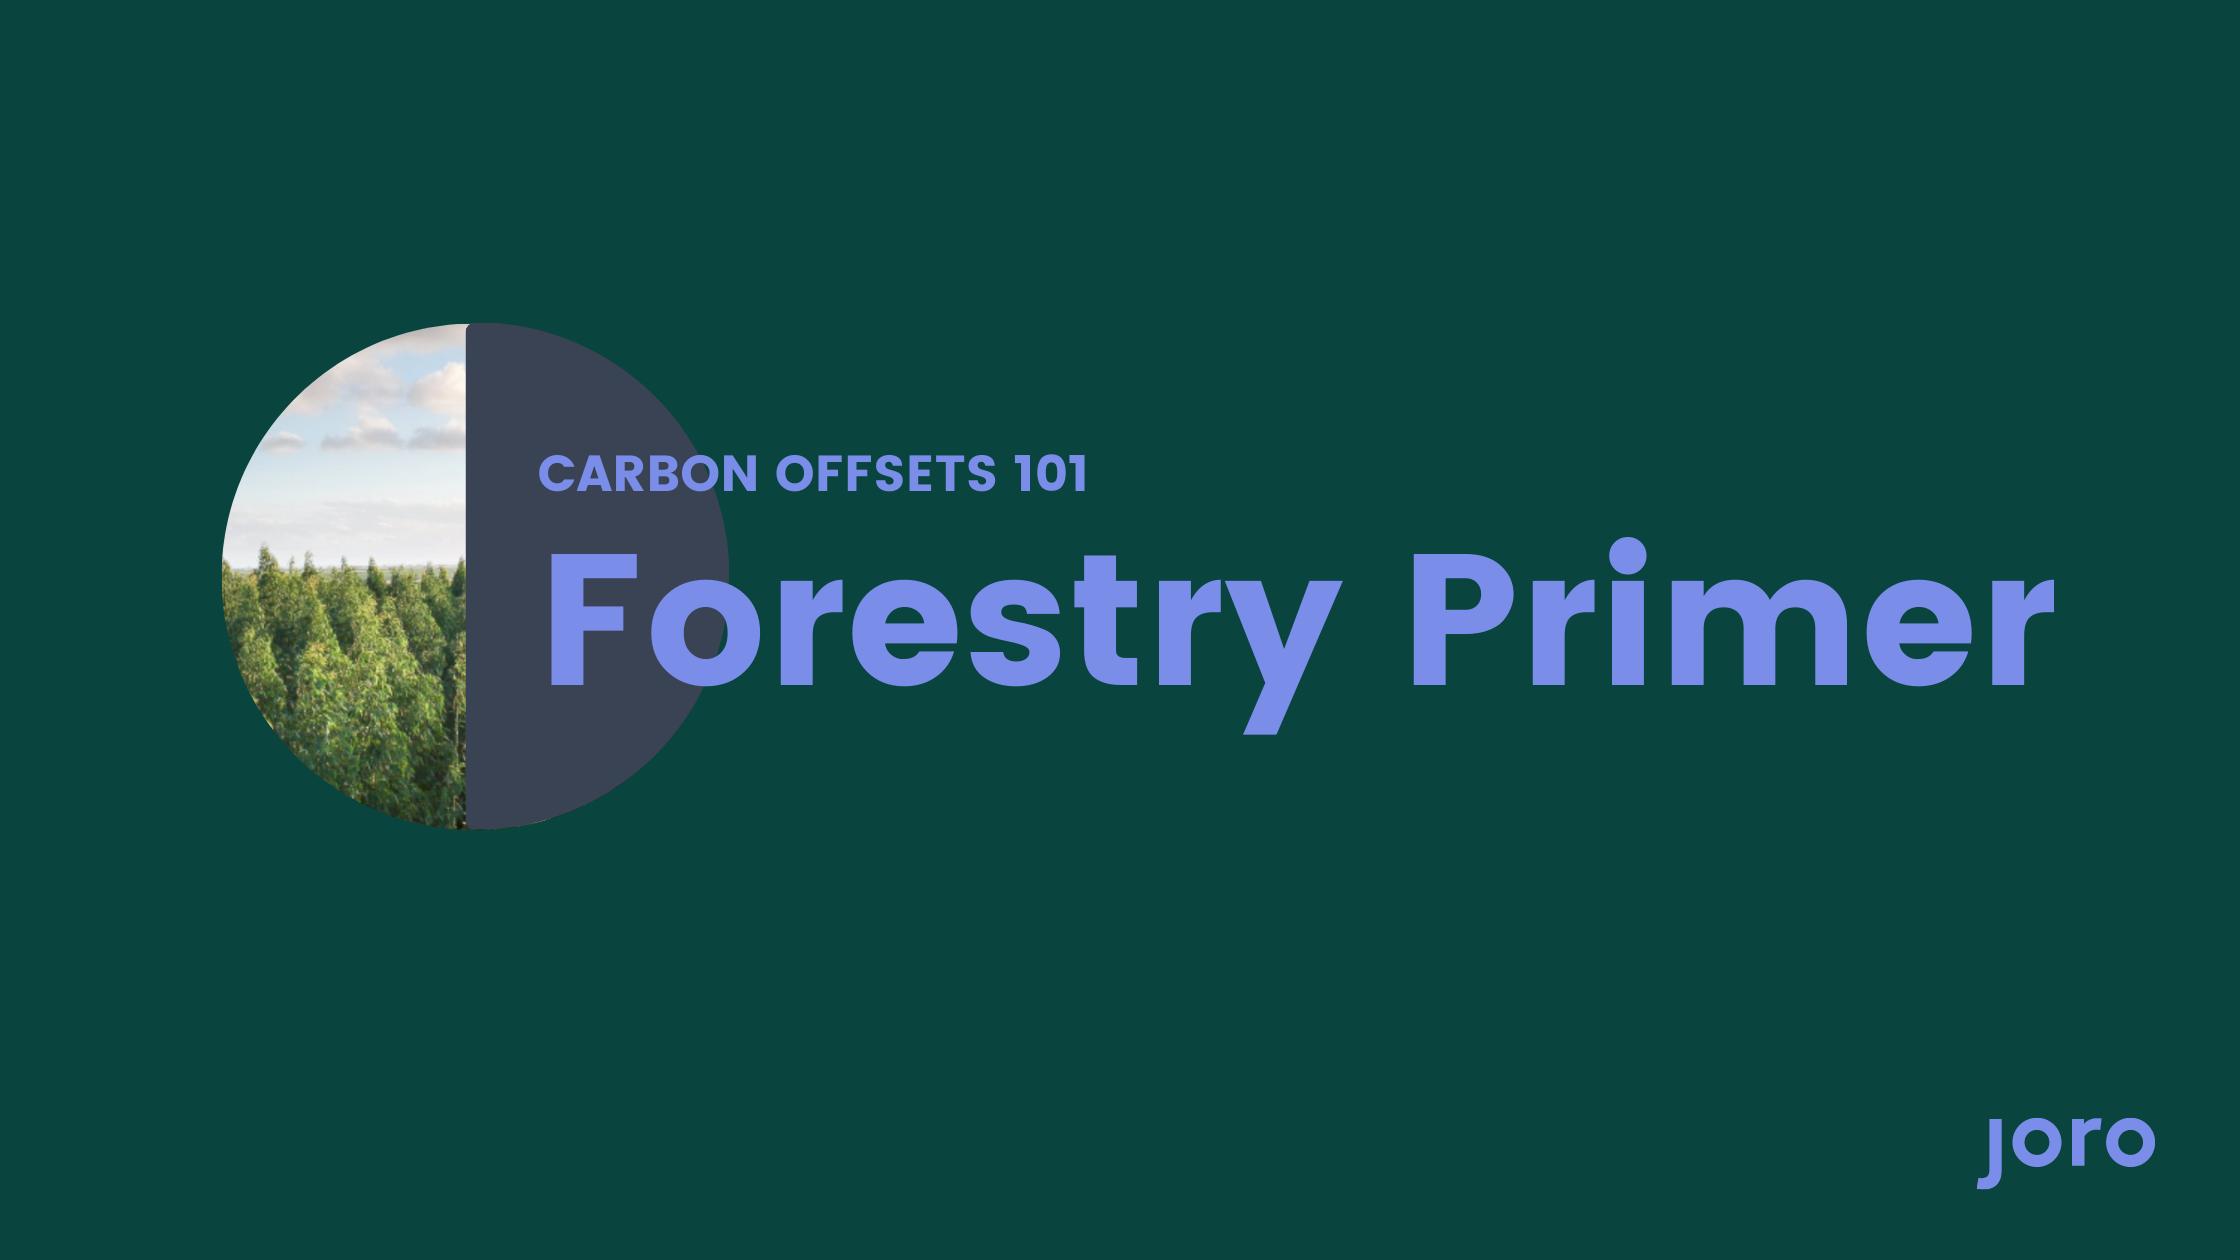 Carbon Offsets 101: Forestry Primer